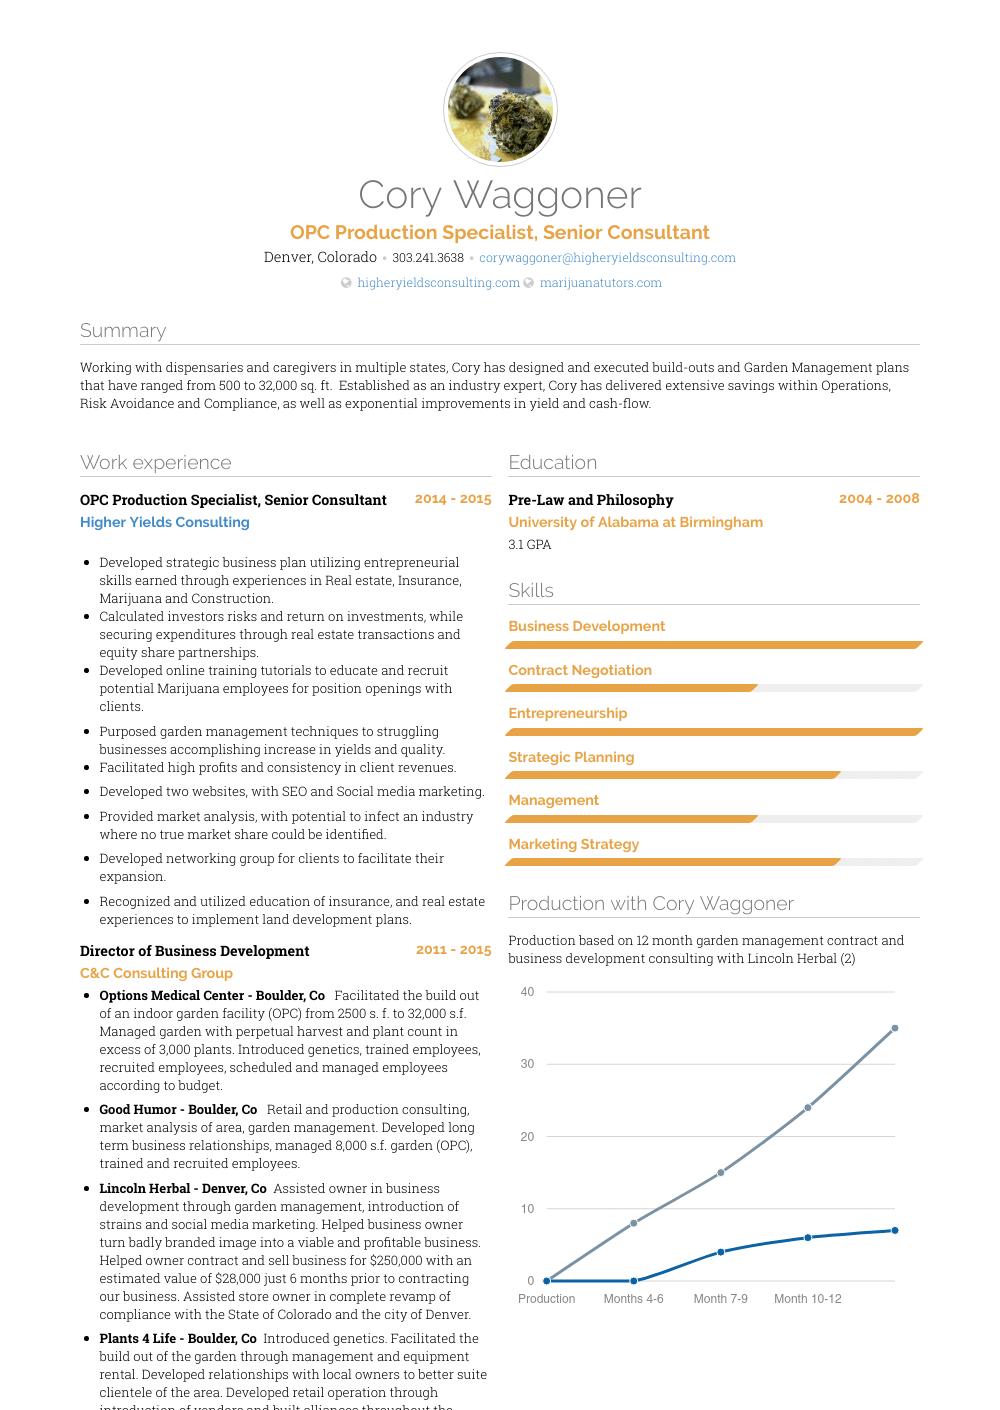 Senior Consultant - Resume Samples & Templates | VisualCV